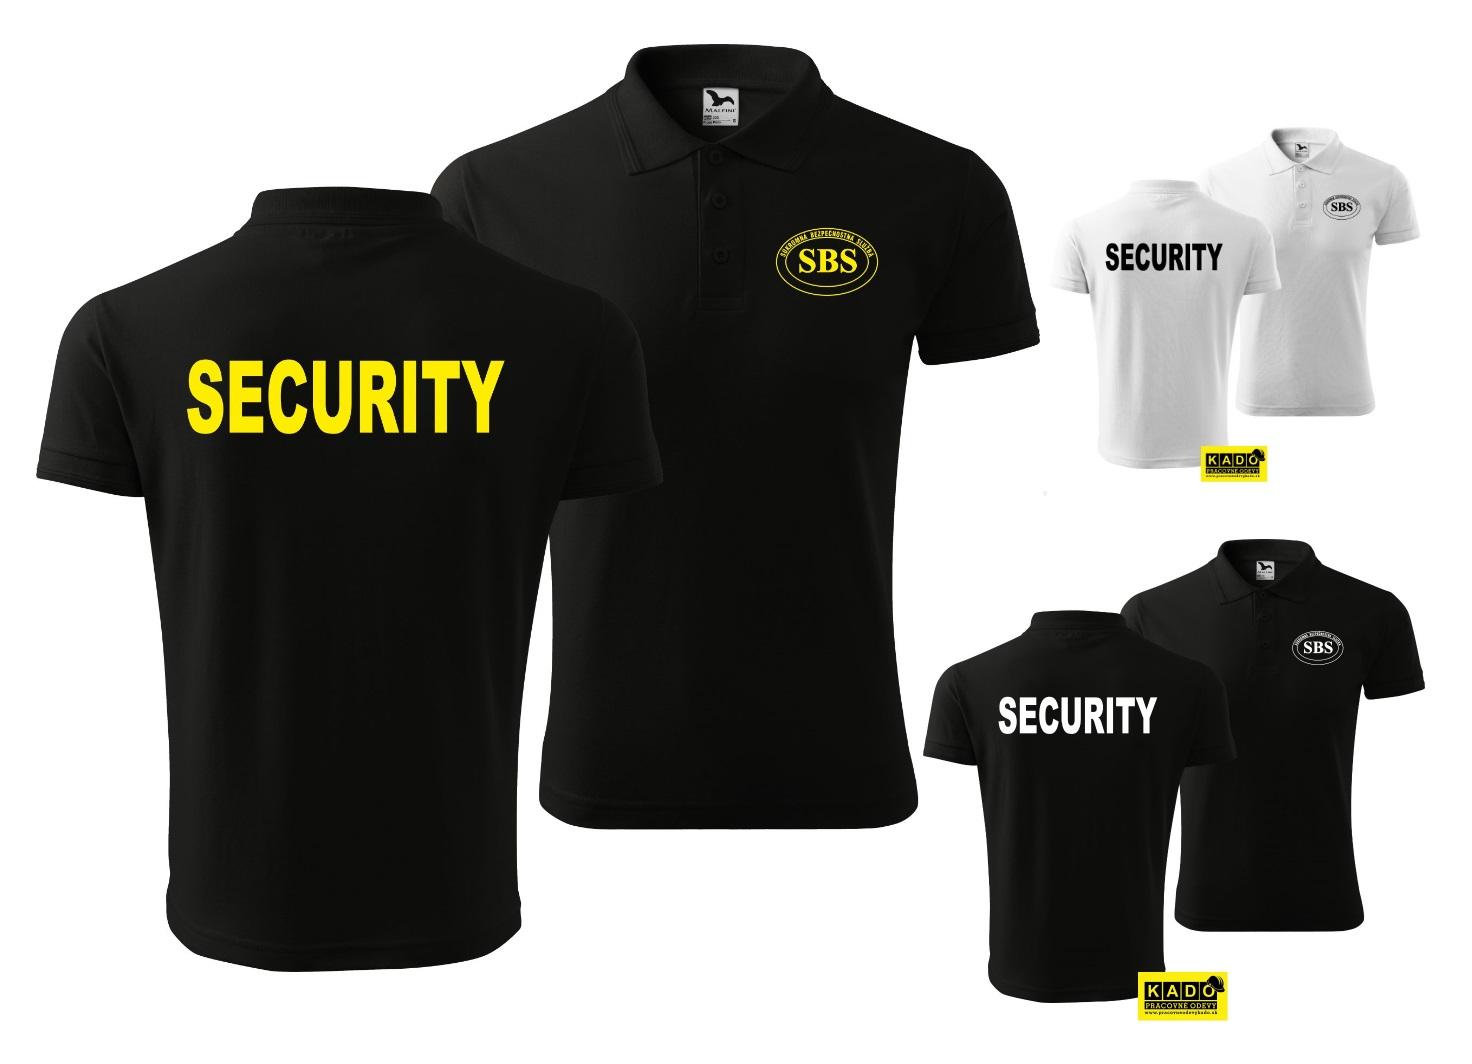 58367b834 Polokošeľa PIQUE POLO 200g POTLAČ SBS + SECURITY